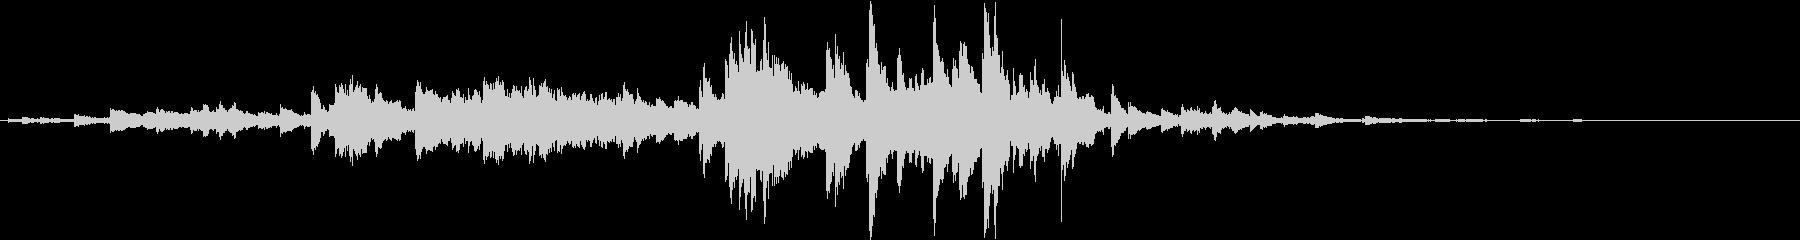 音侍SE「キラキラリーン」小ぶりベル_3の未再生の波形